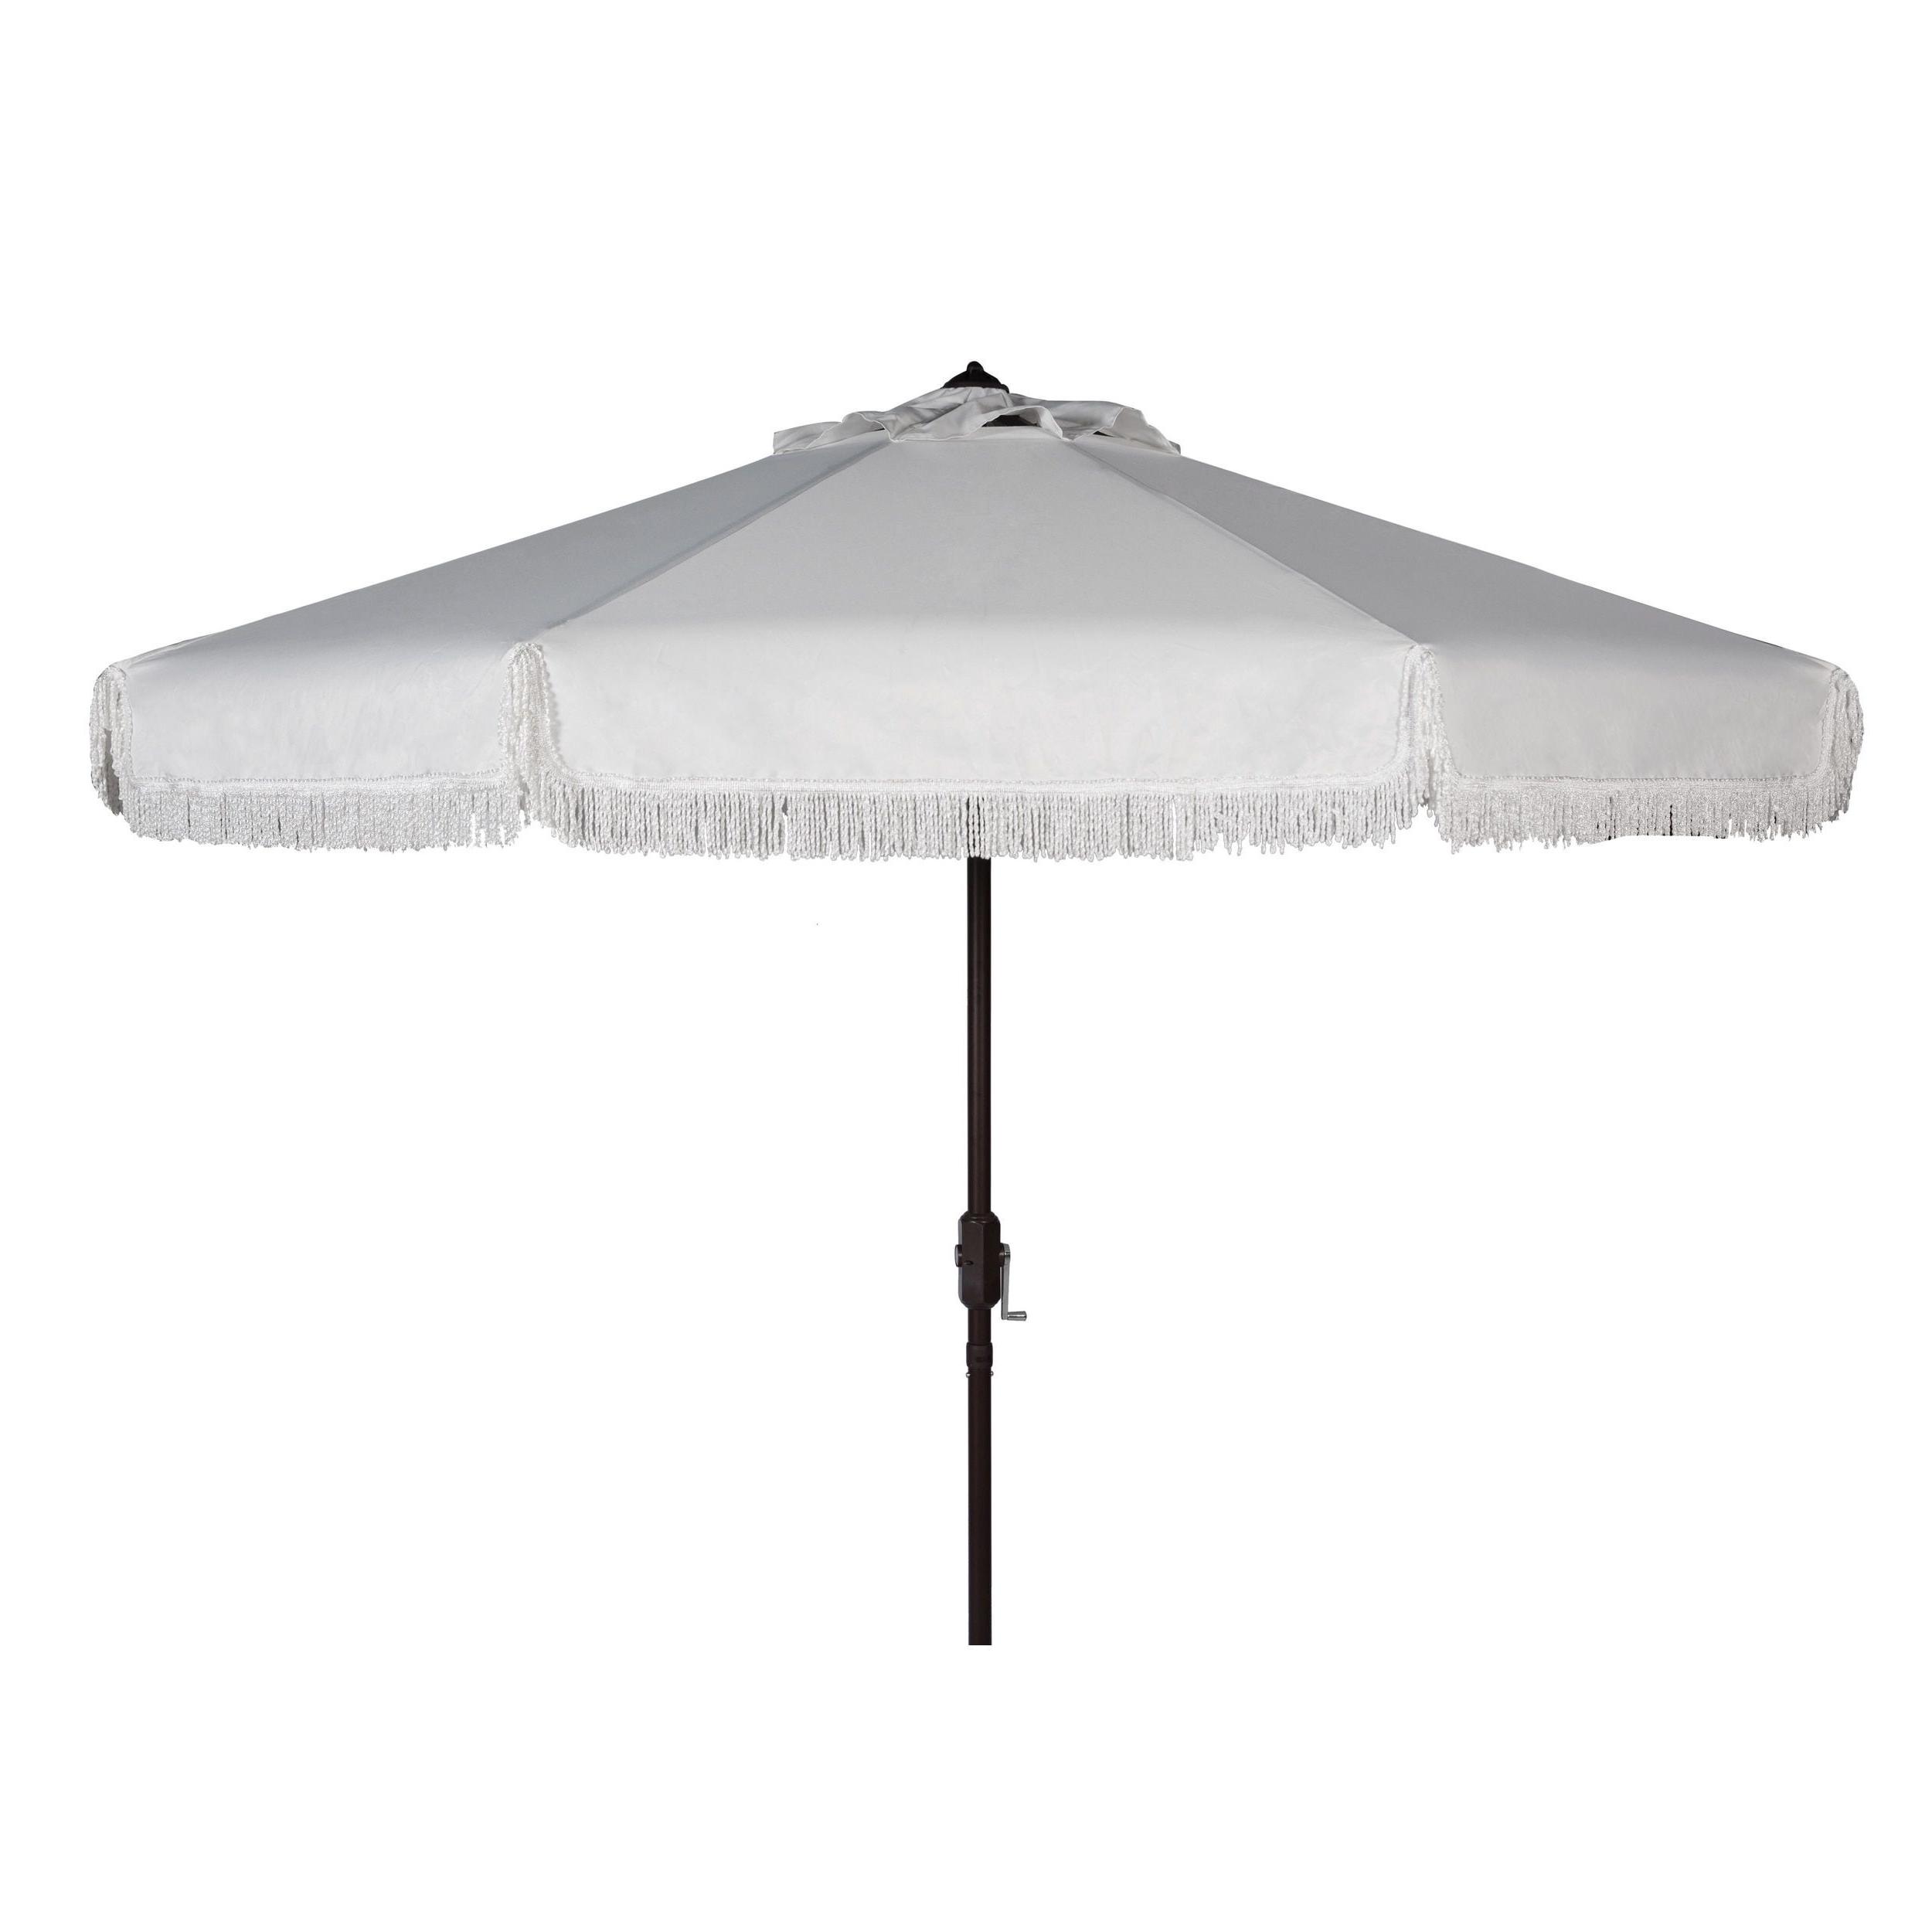 Safavieh Milan Fringe 9 Ft Crank White Outdoor Umbrella (Pat8008C For Most Current White Patio Umbrellas (View 12 of 20)